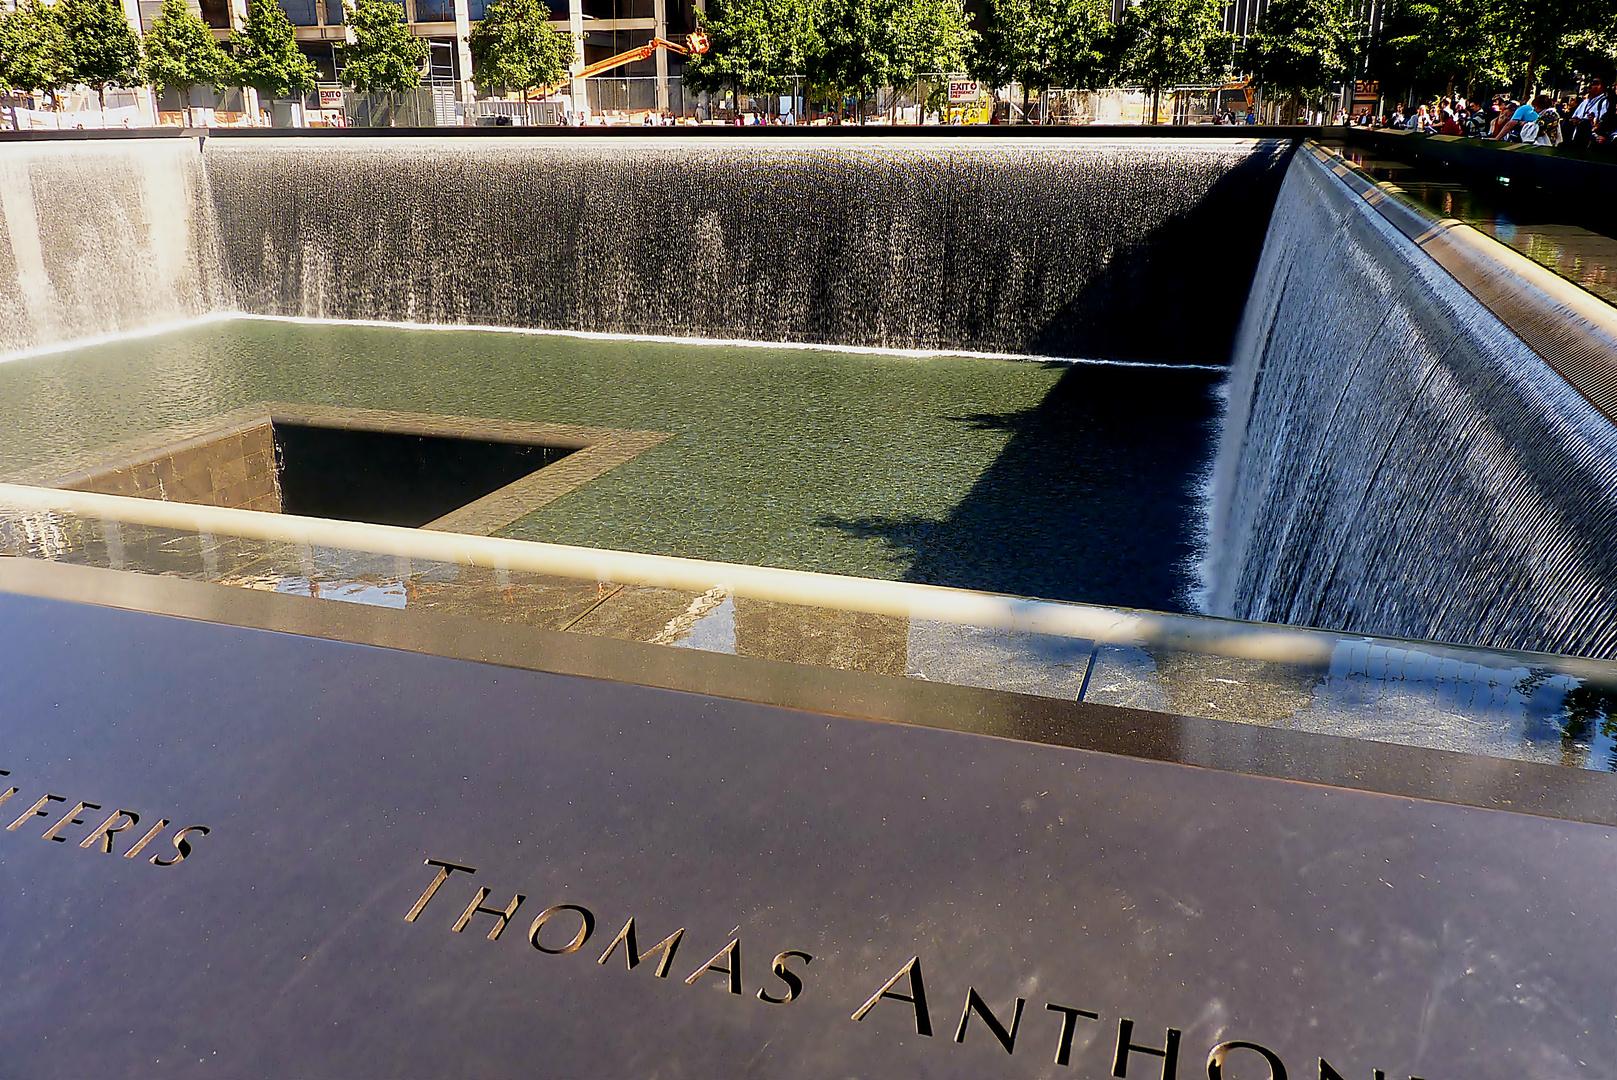 9/11 Memorial III